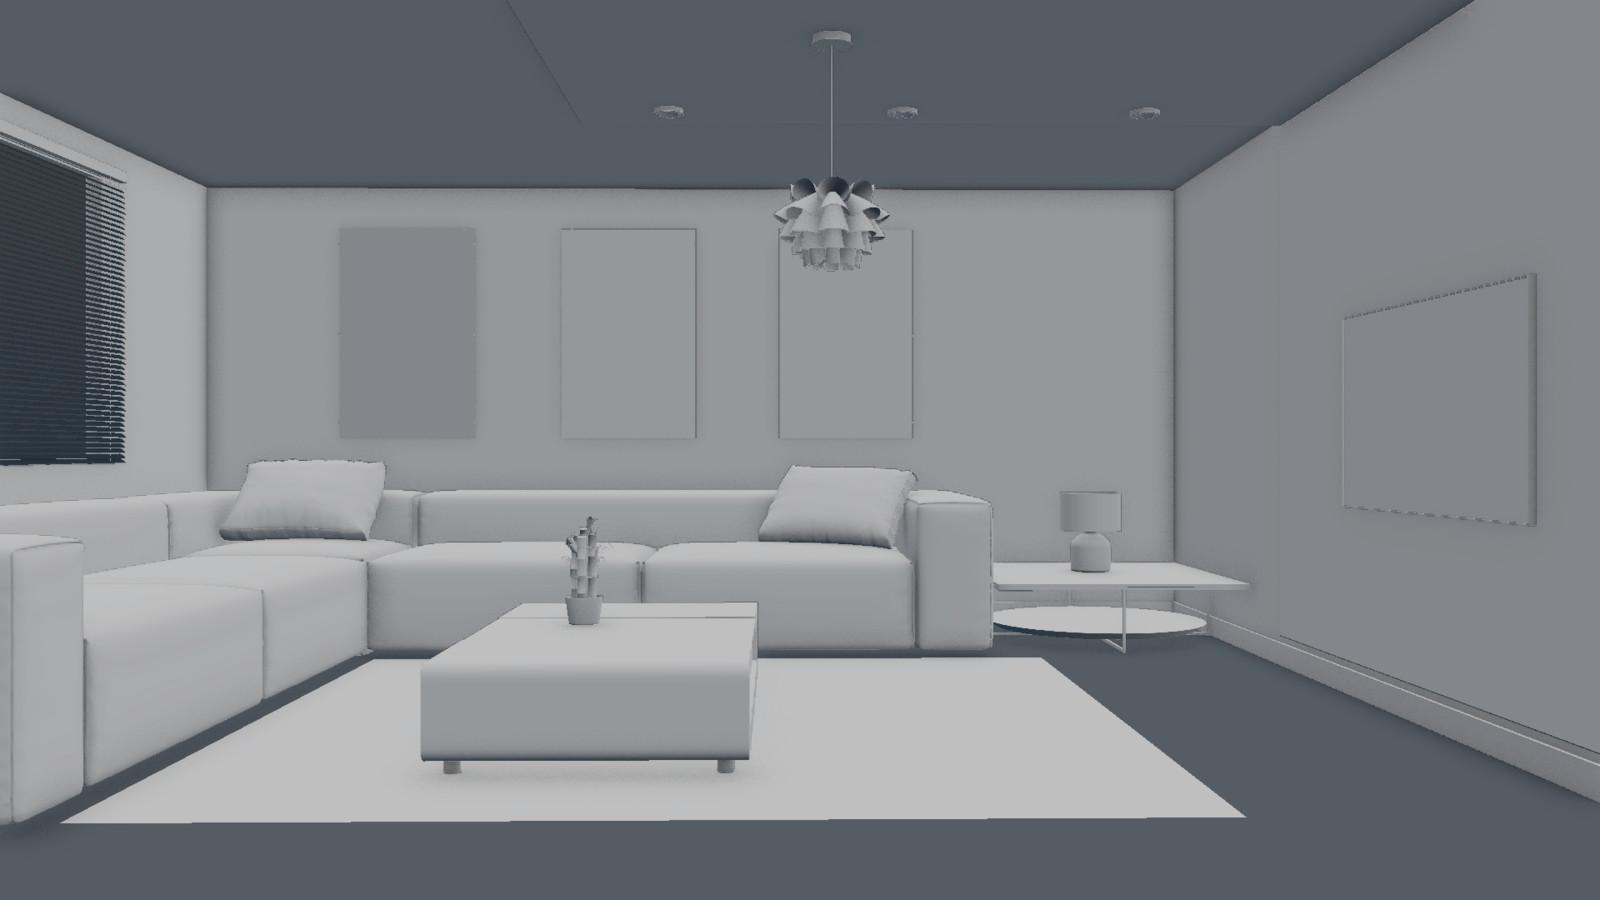 OpenGL Render